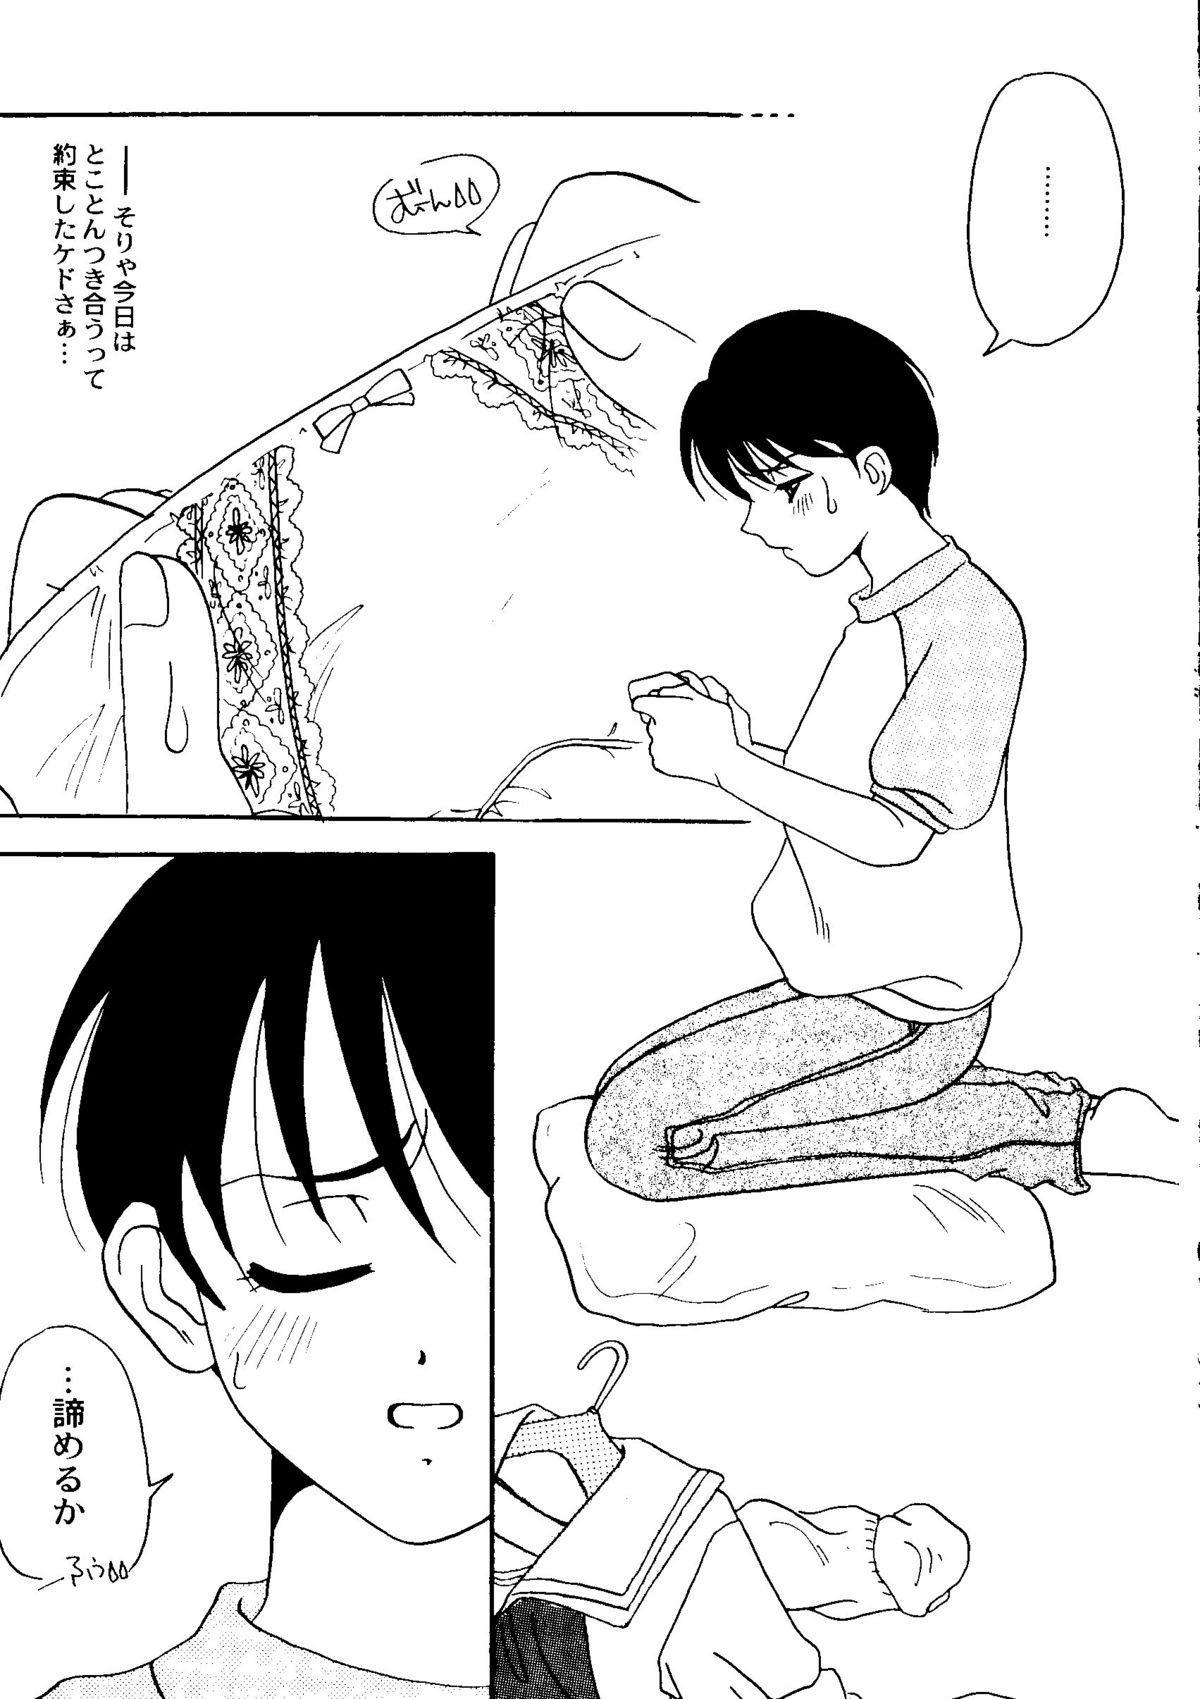 Bishoujo Doujinshi Anthology Cute 2 104